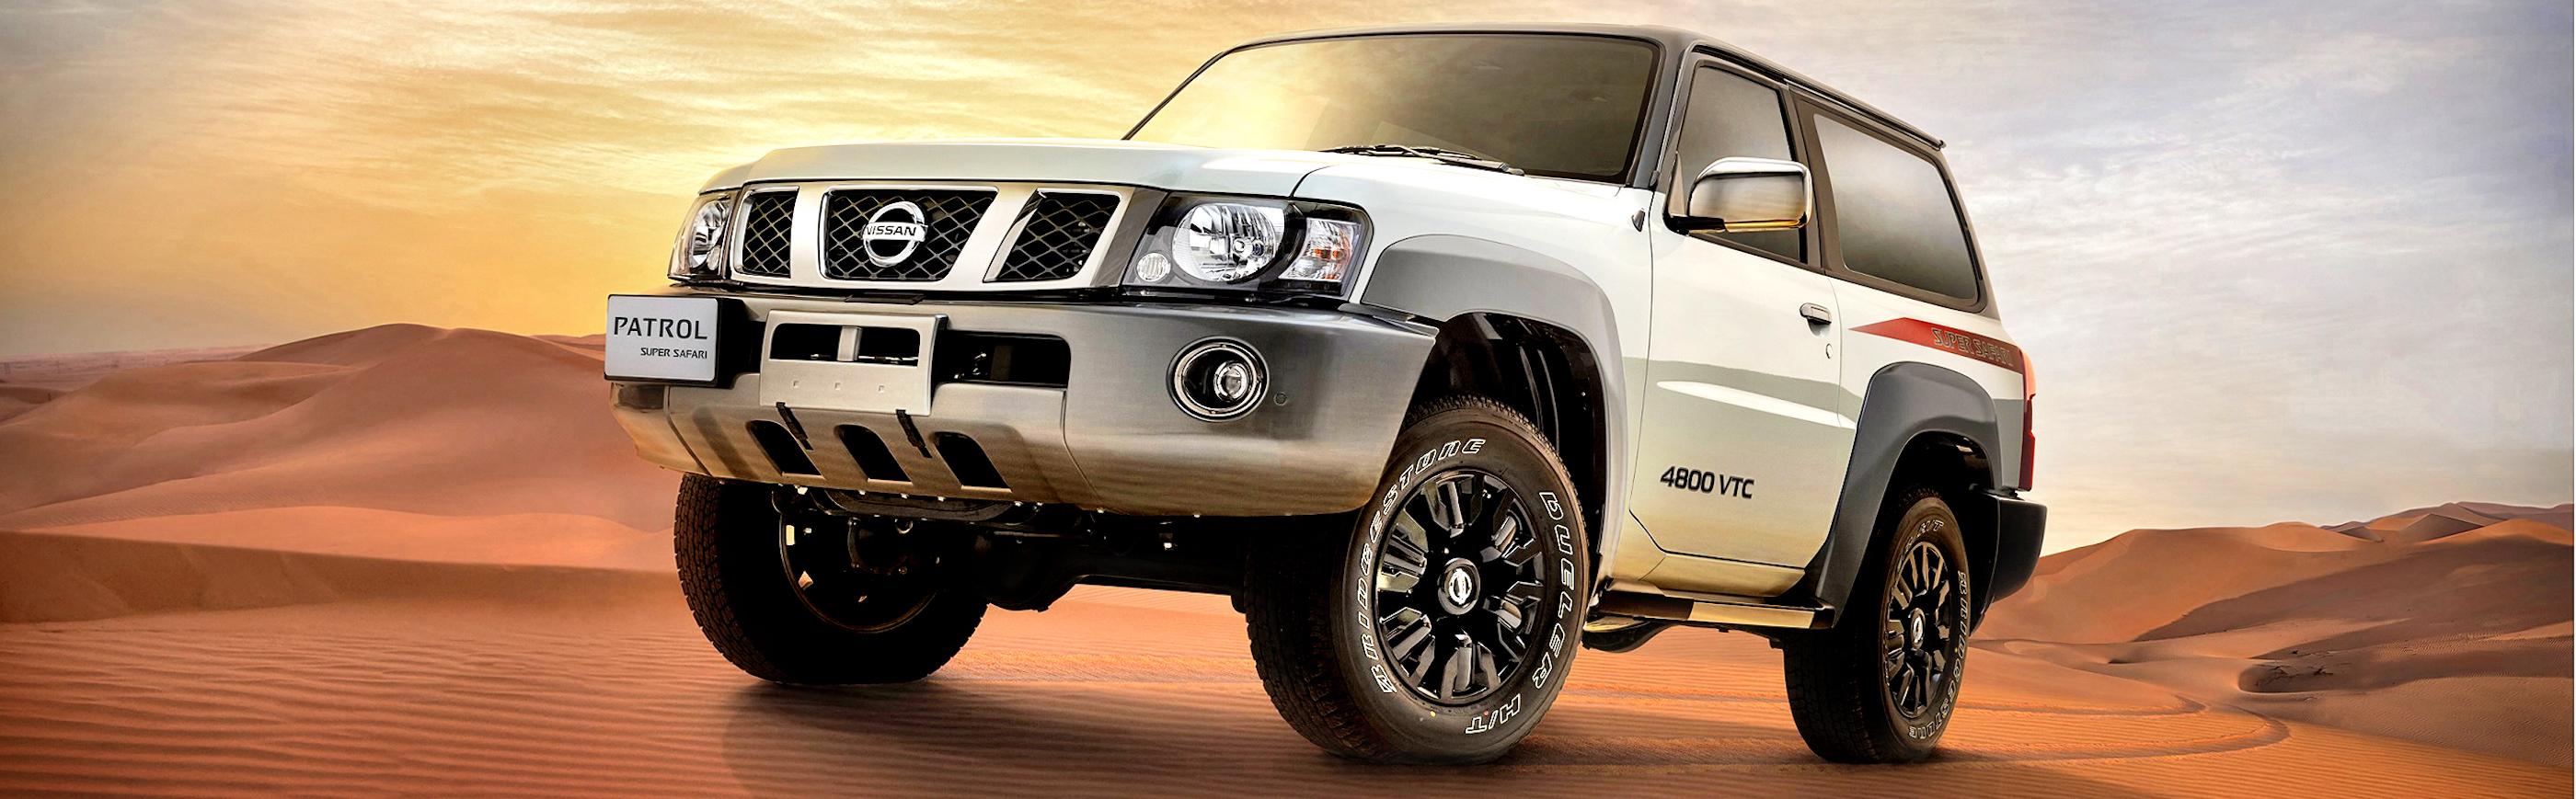 Legendary 3-door Patrol Super Safari returns to Nissan line-up-source-source